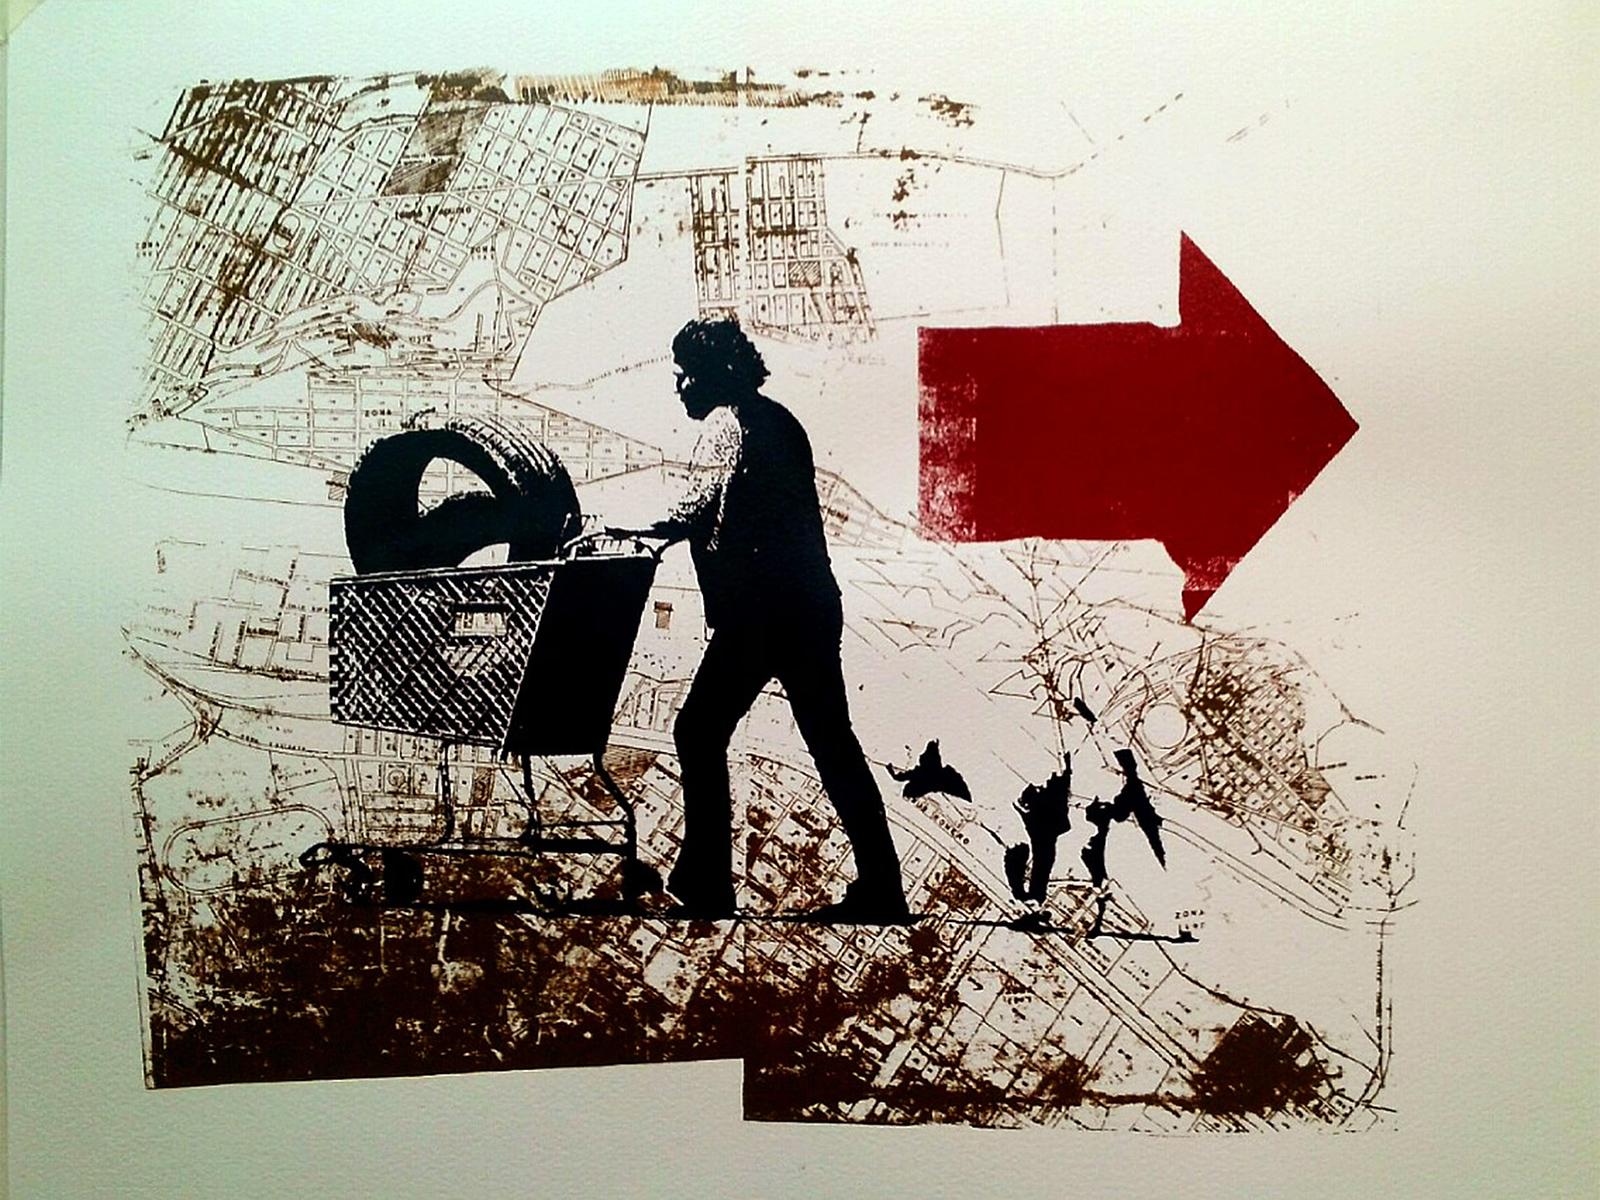 Poéticas del resto: Imagen, memorias y archivadores en la escena tijuanense por Alina Peña Iguarán